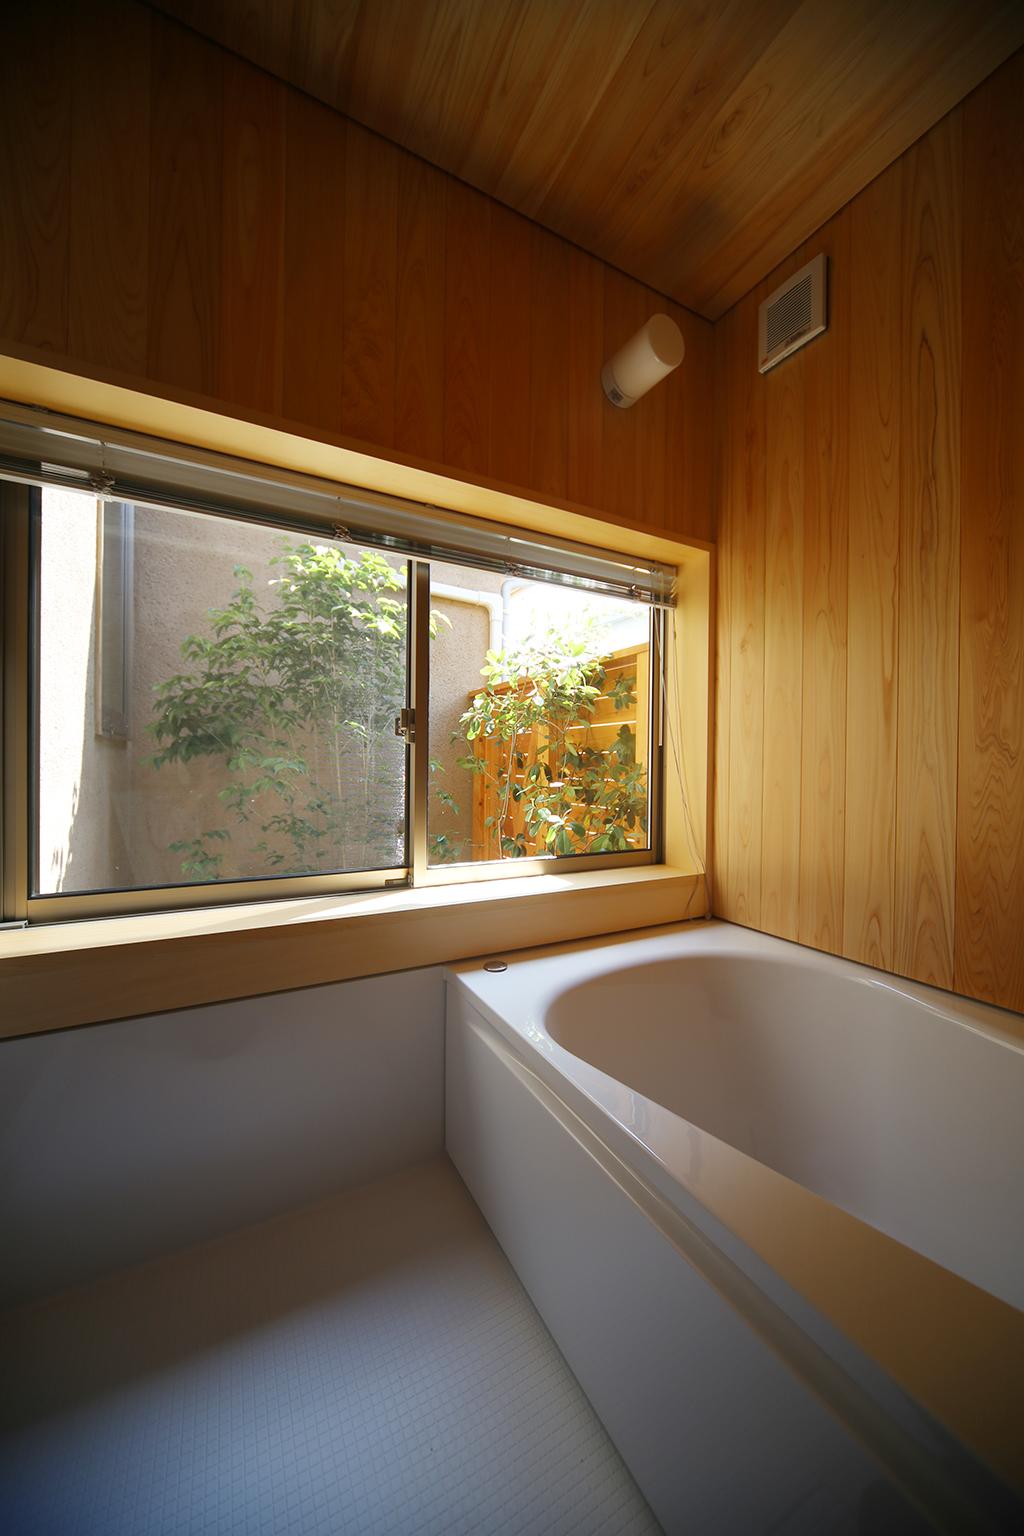 姫路市の木の家 桧貼りの浴室